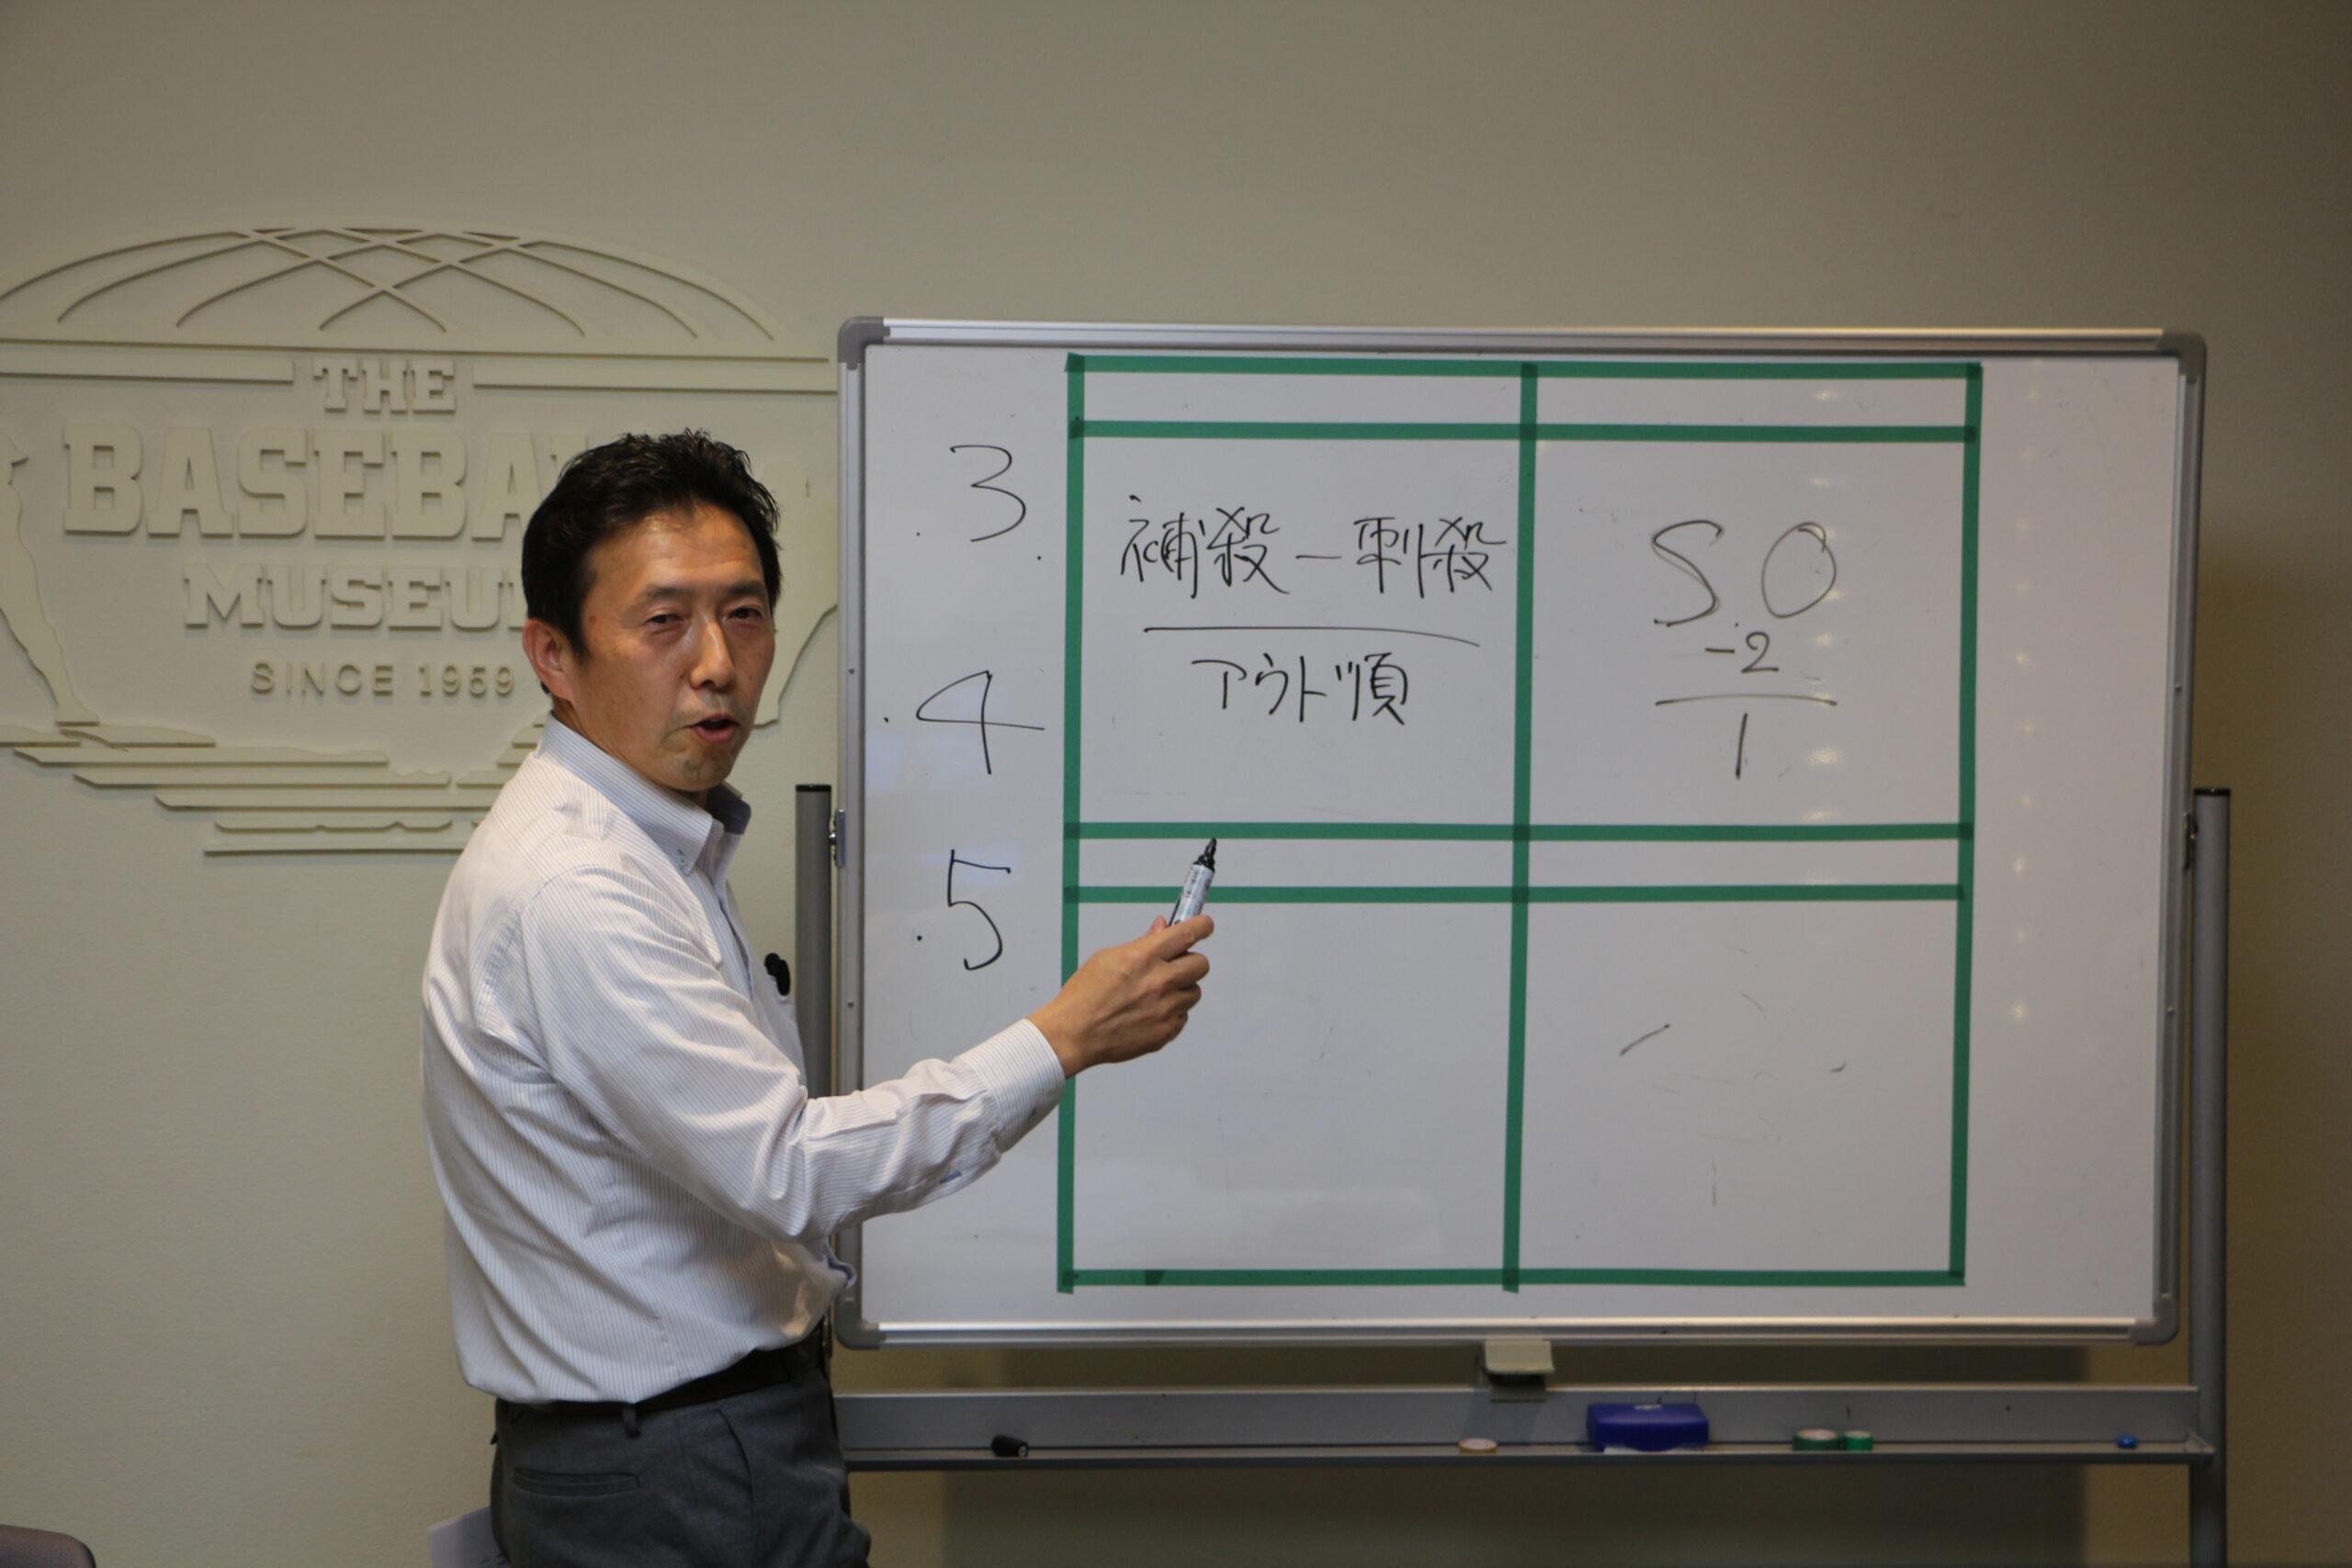 公式記録員が教える「NPB式スコアの付け方」教室 初級編